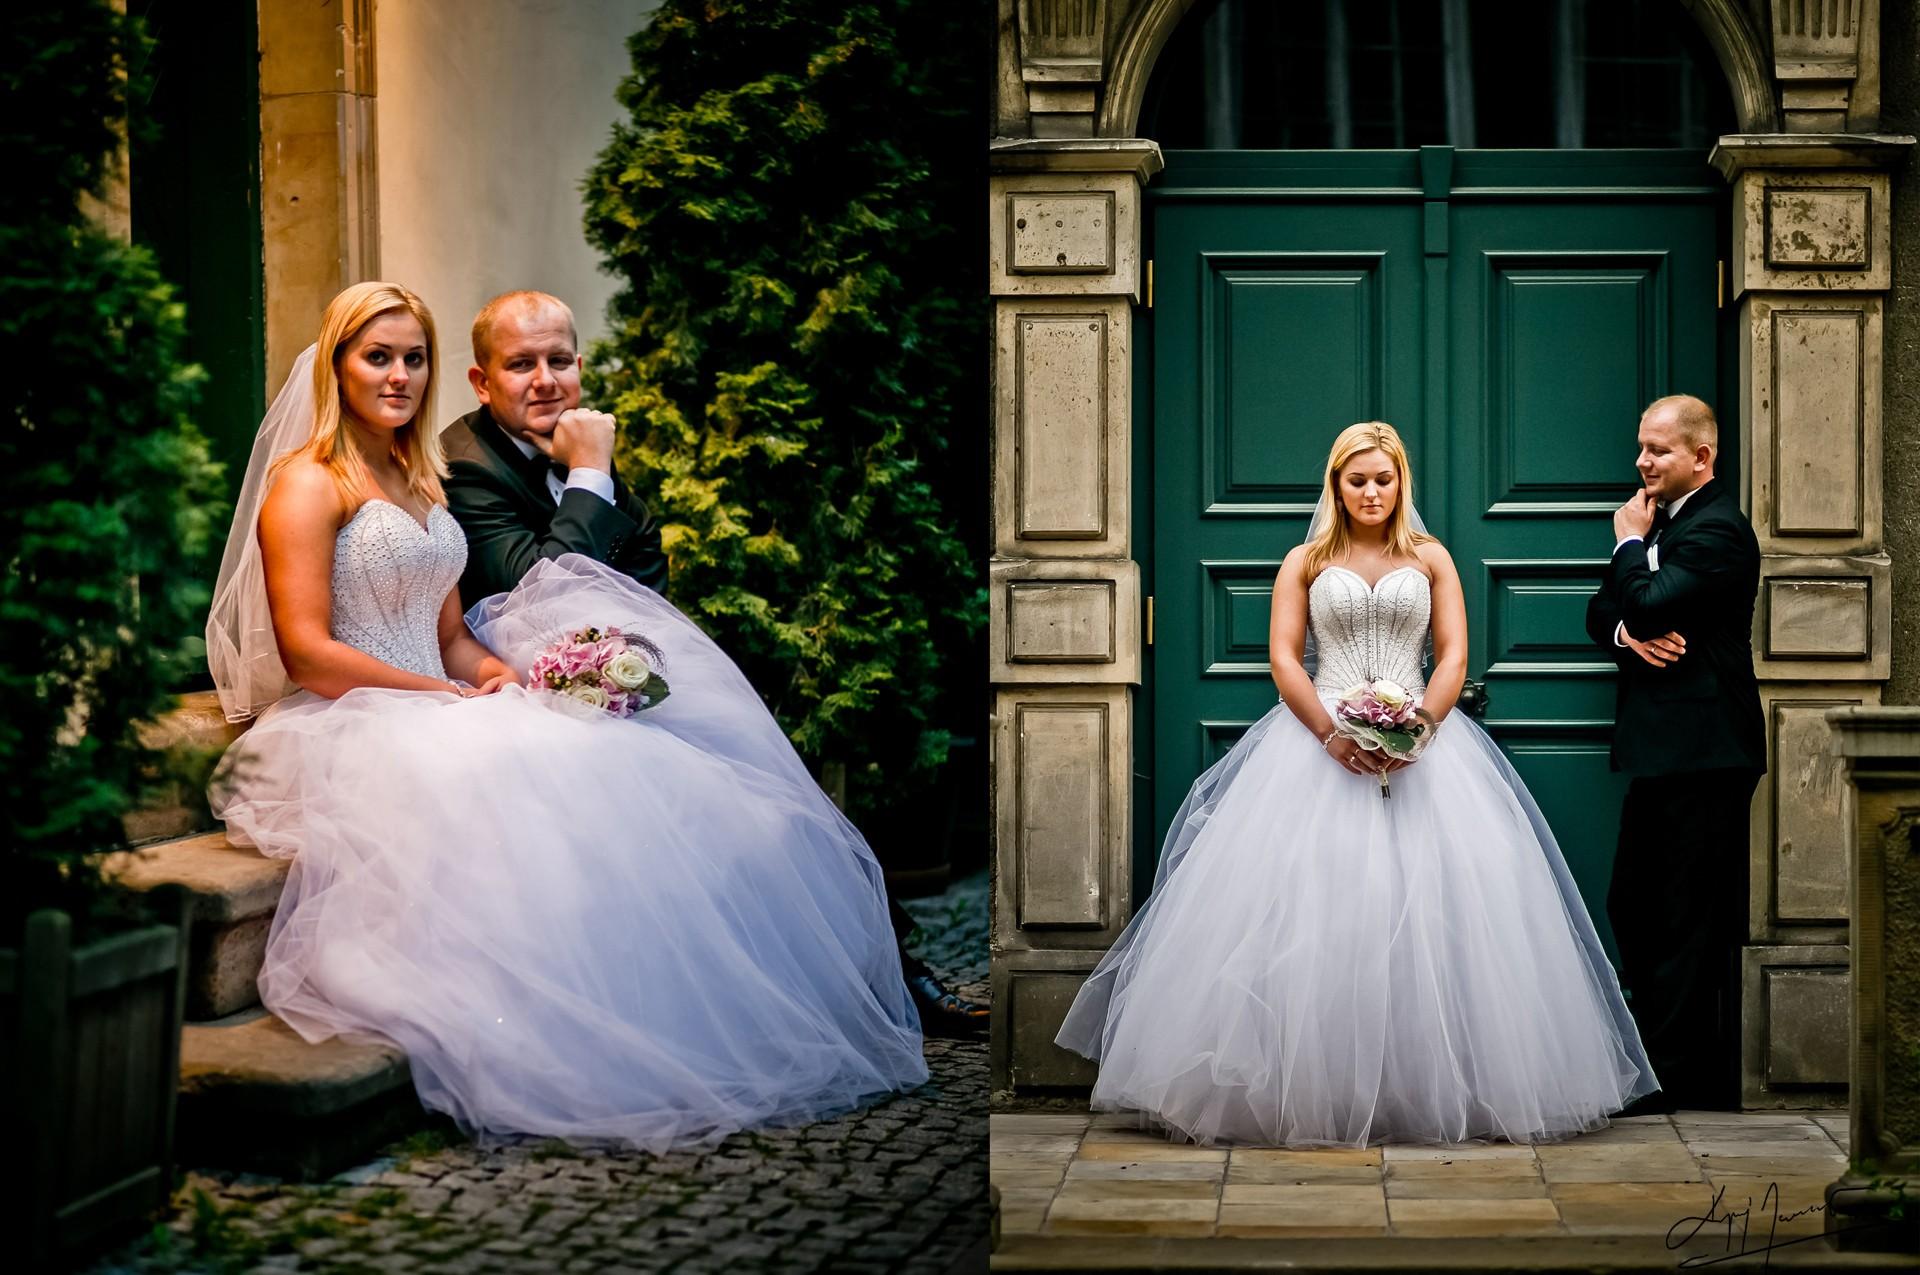 fotograf bytów 116 Kamila & Marcin